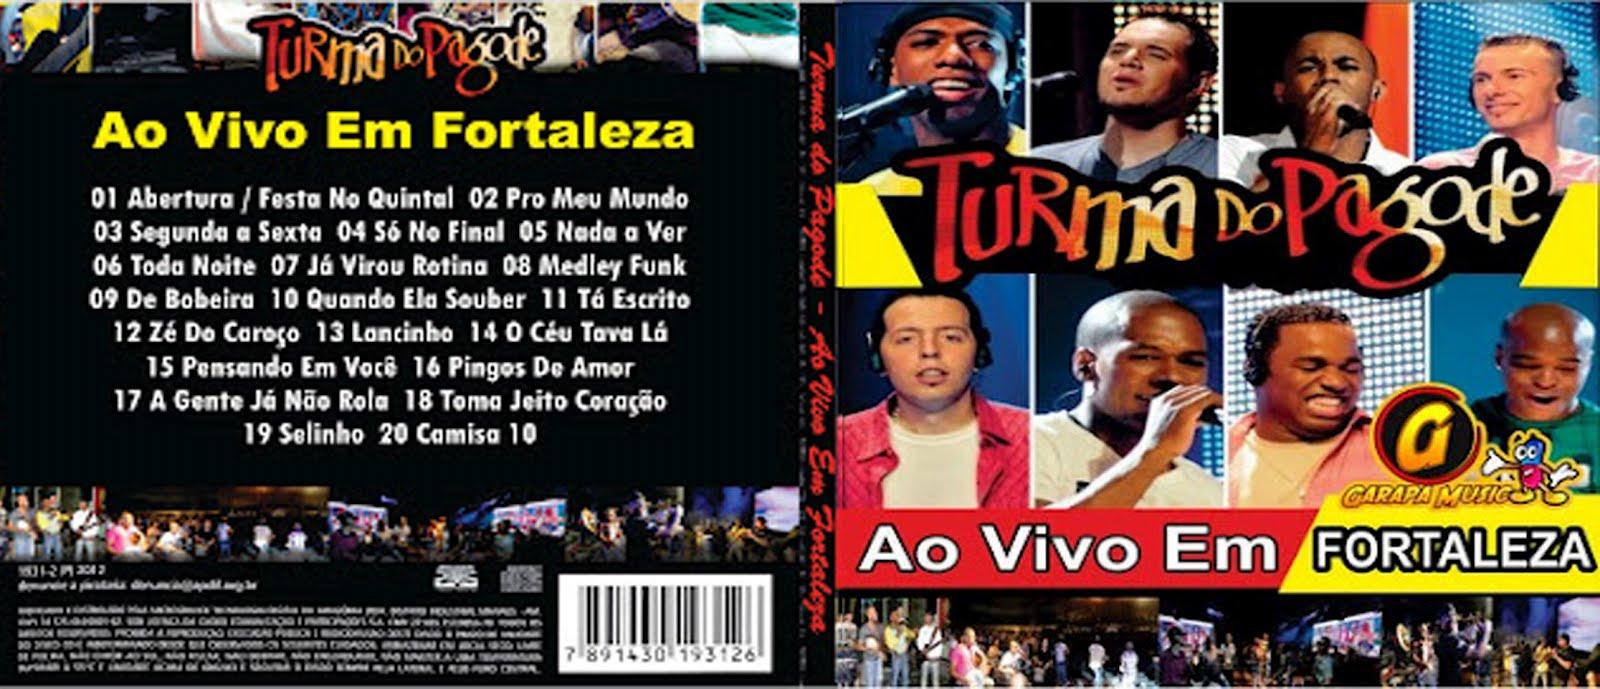 DE HONRA E GLORIA CD SOARES NIVEA BAIXAR